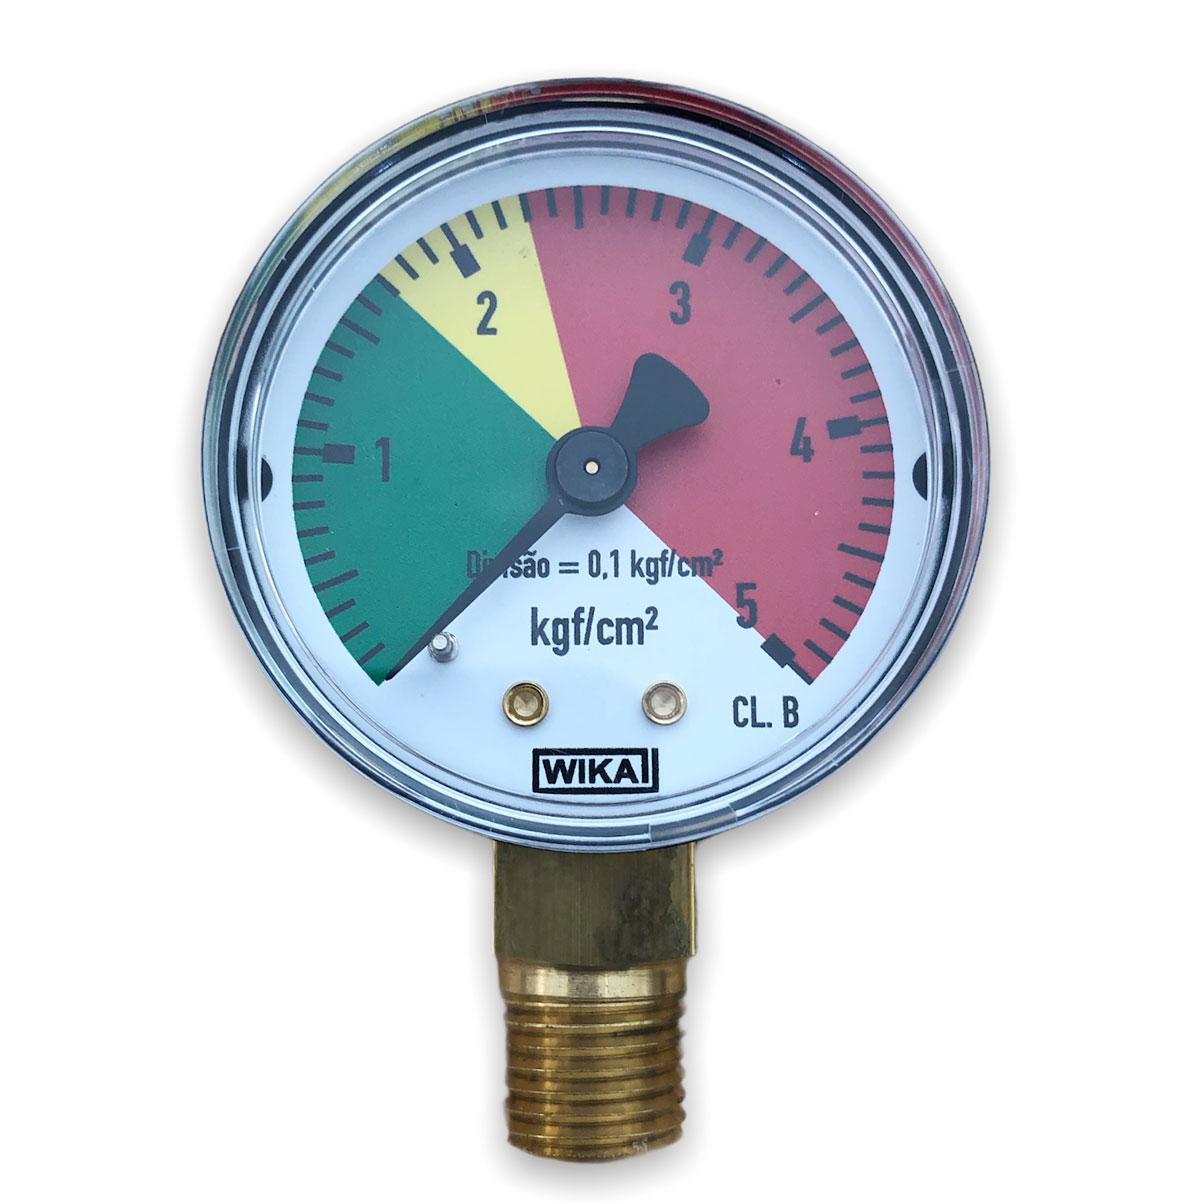 Manômetro Baixa Pressão 5 kgf  para regulador de CO2 WIKA